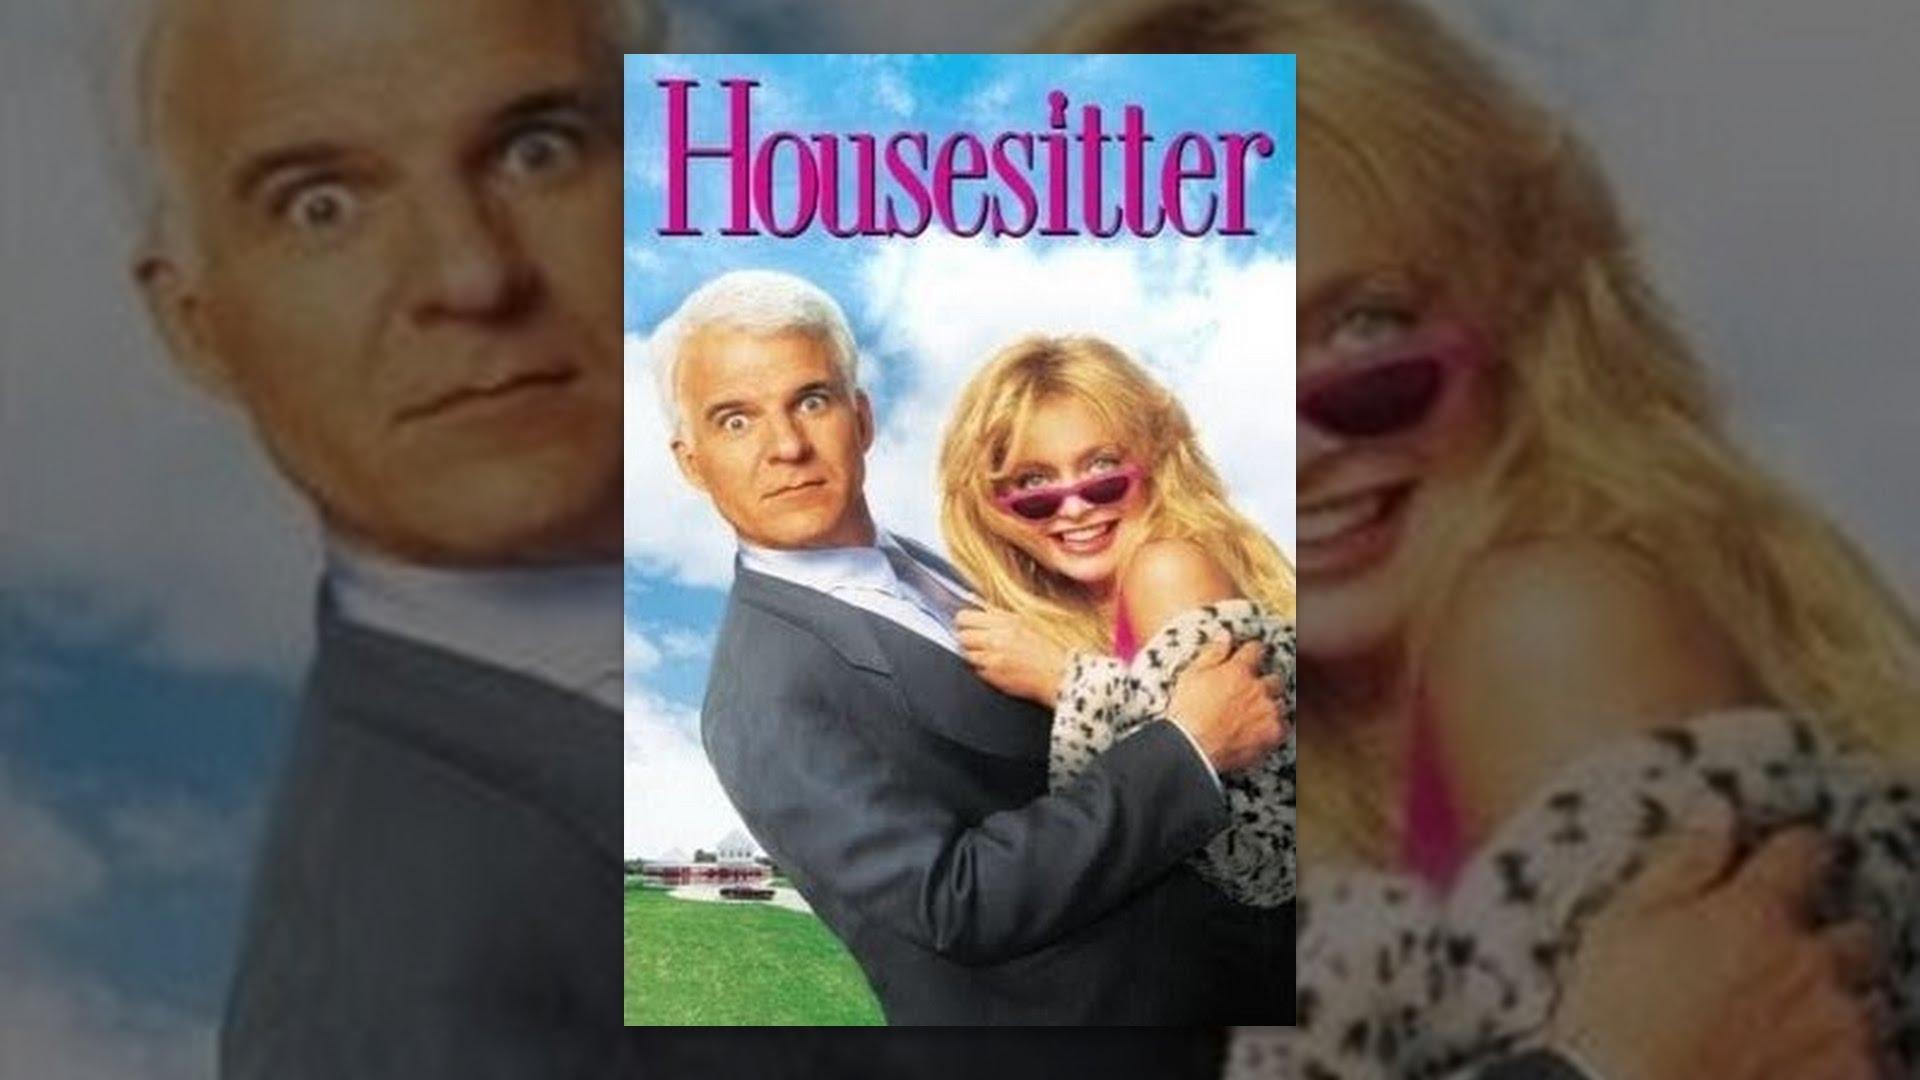 Housesitter - YouTube